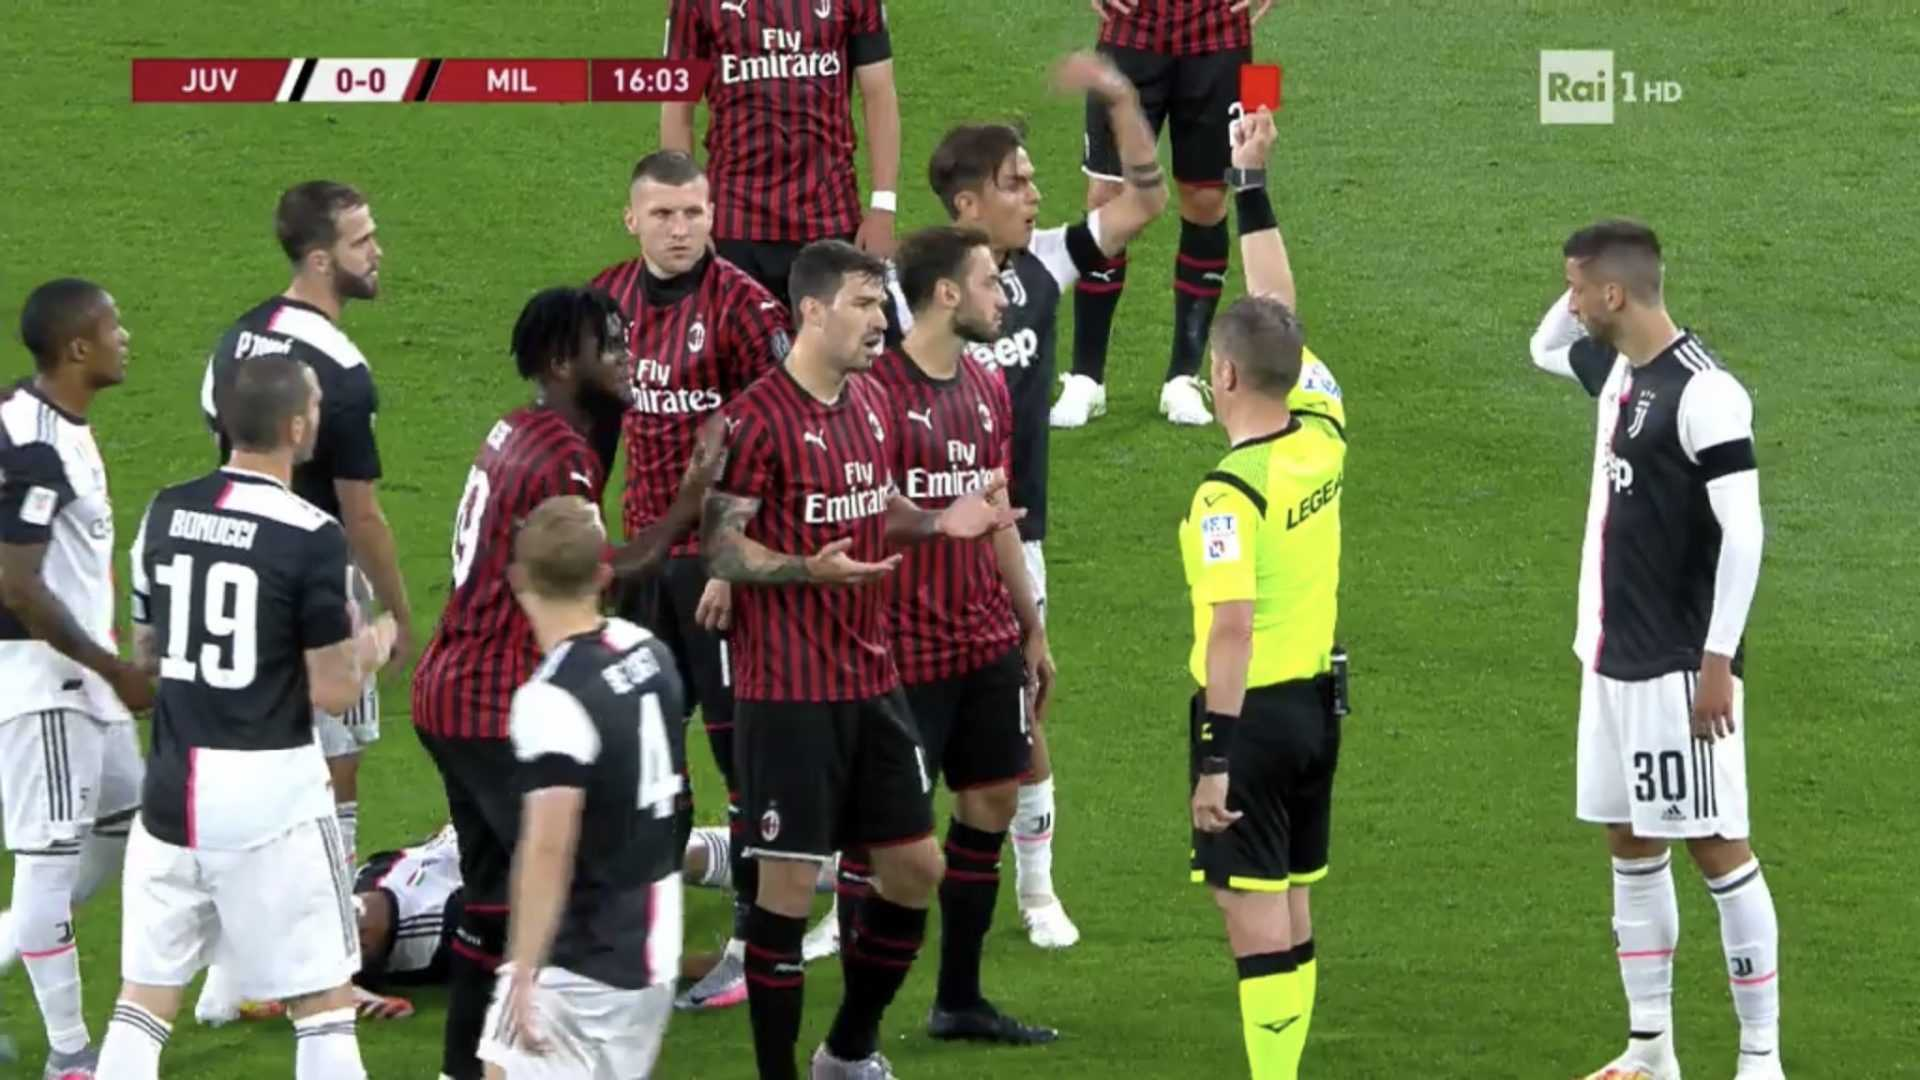 Coppa Italia, Juve-Milan: la rabbia dei rossoneri per l'eliminazione